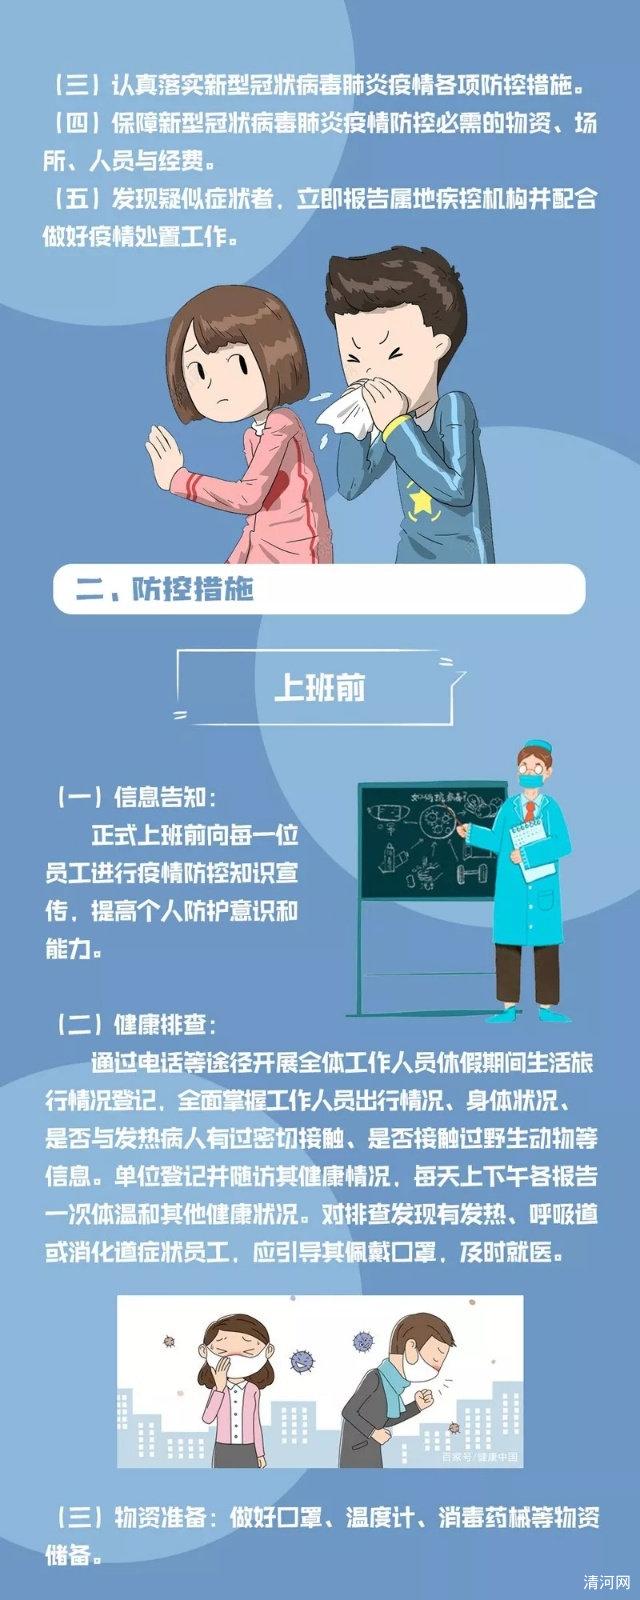 预防新冠肺炎 机关事业单位防控指引